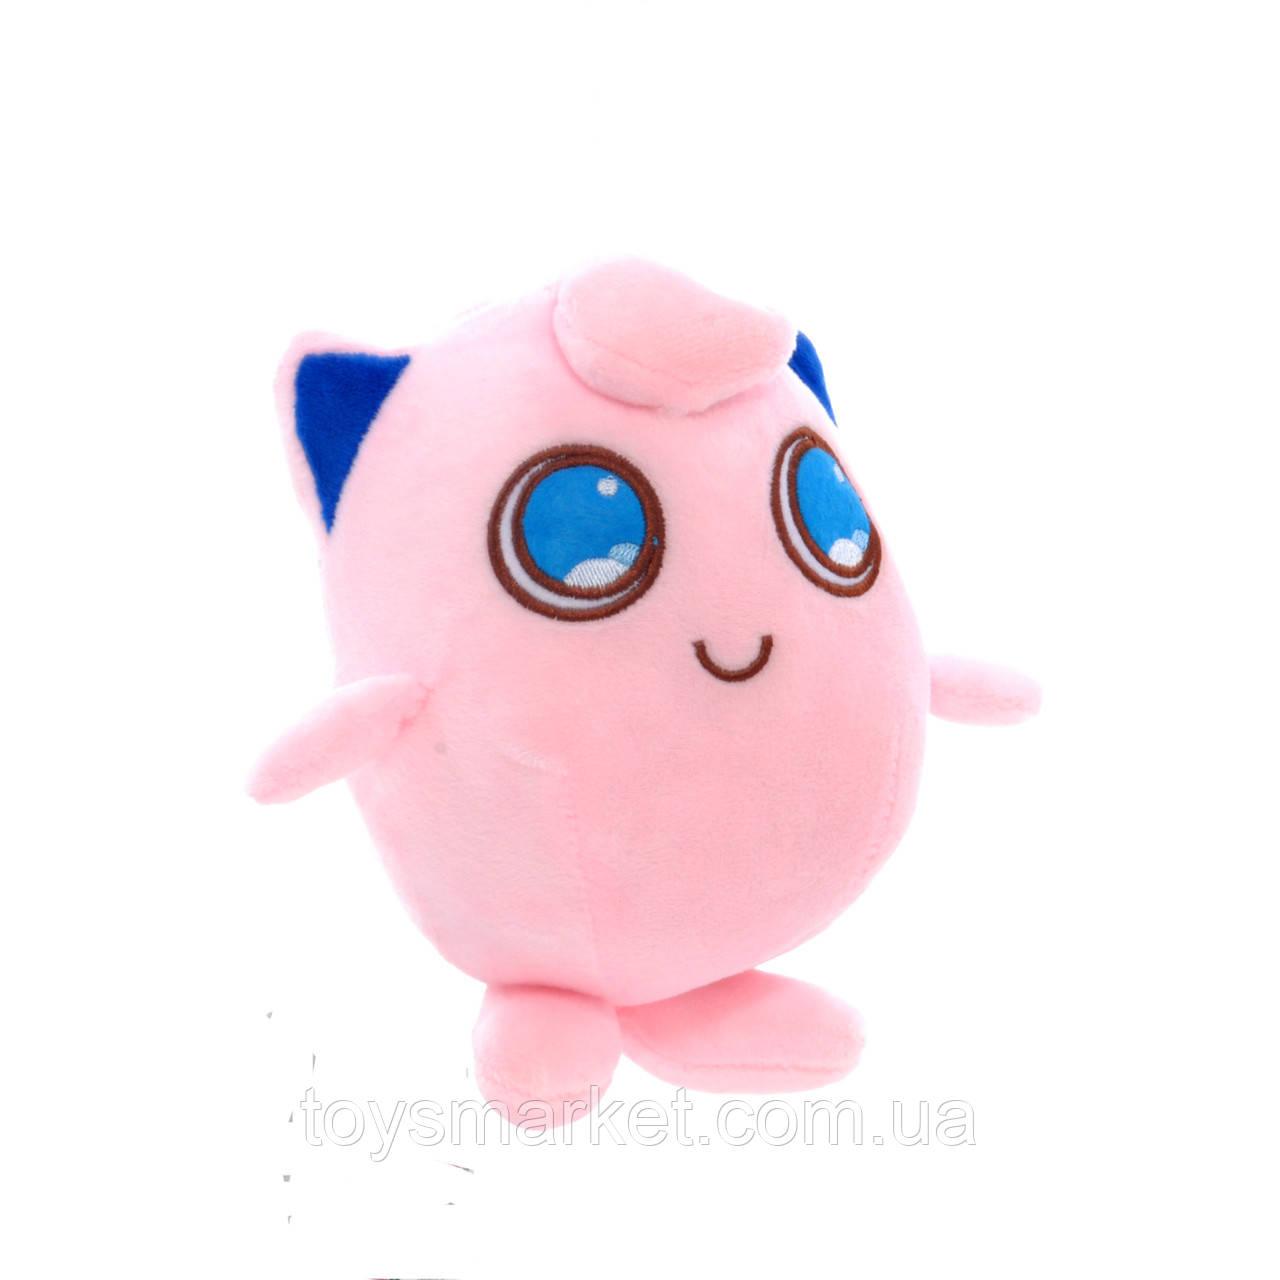 Мягкая игрушка покемон Виглитафф